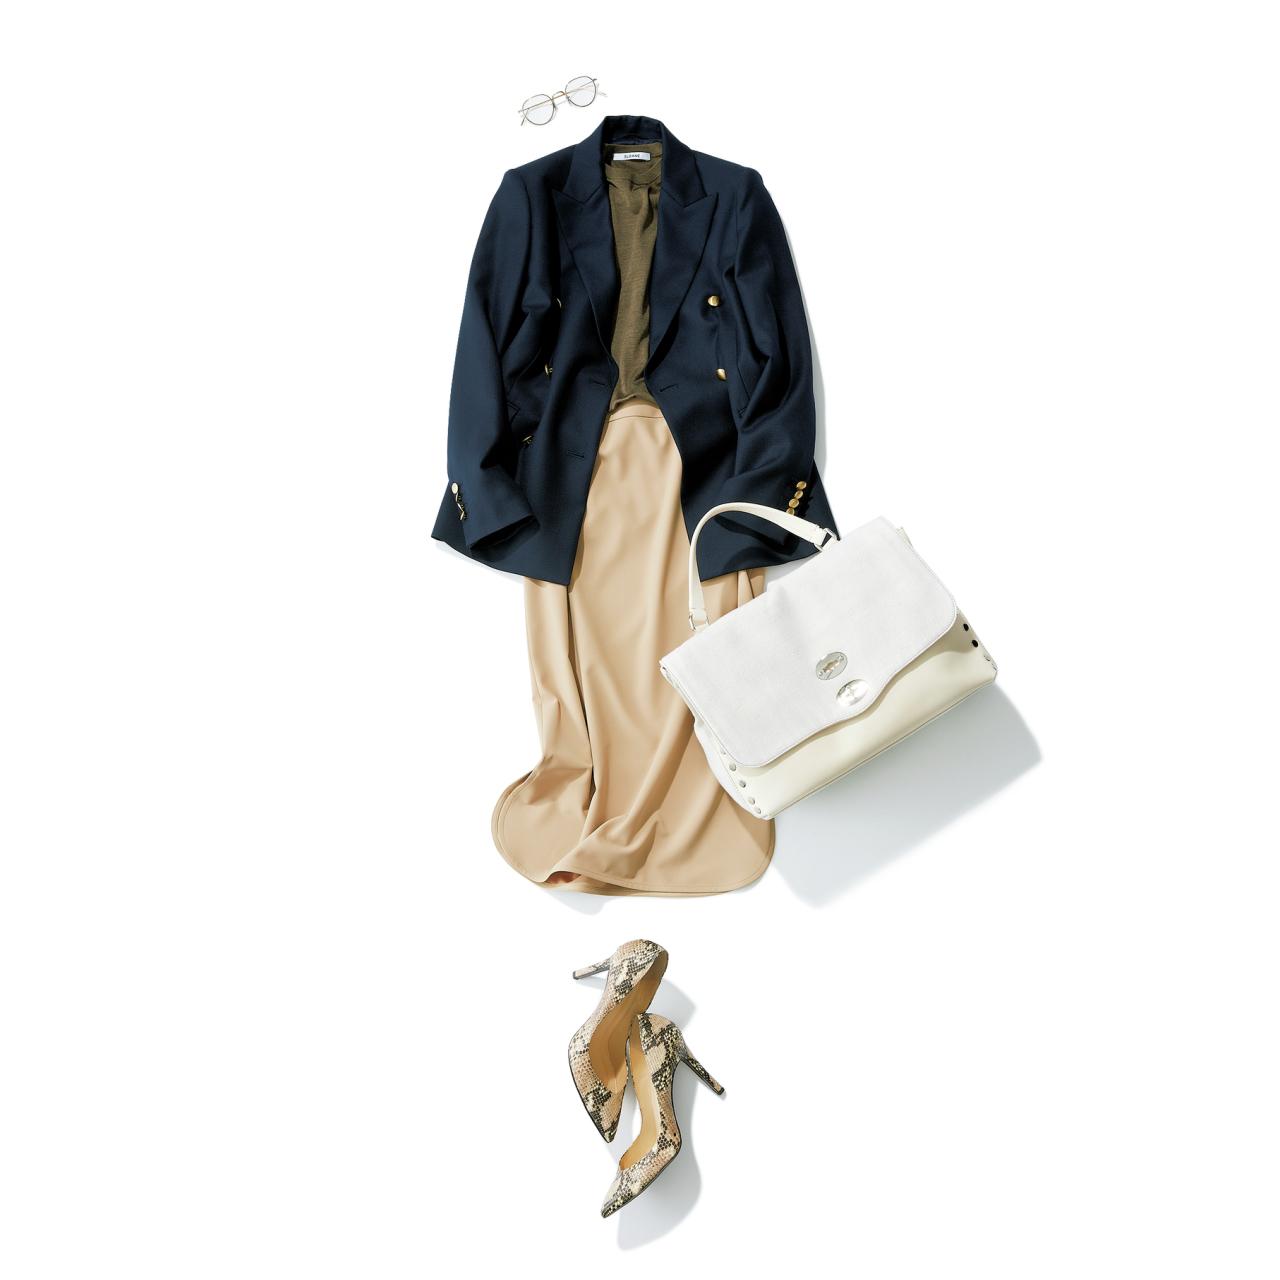 ベージュスカート×ネイビージャケットのファッションコーデ